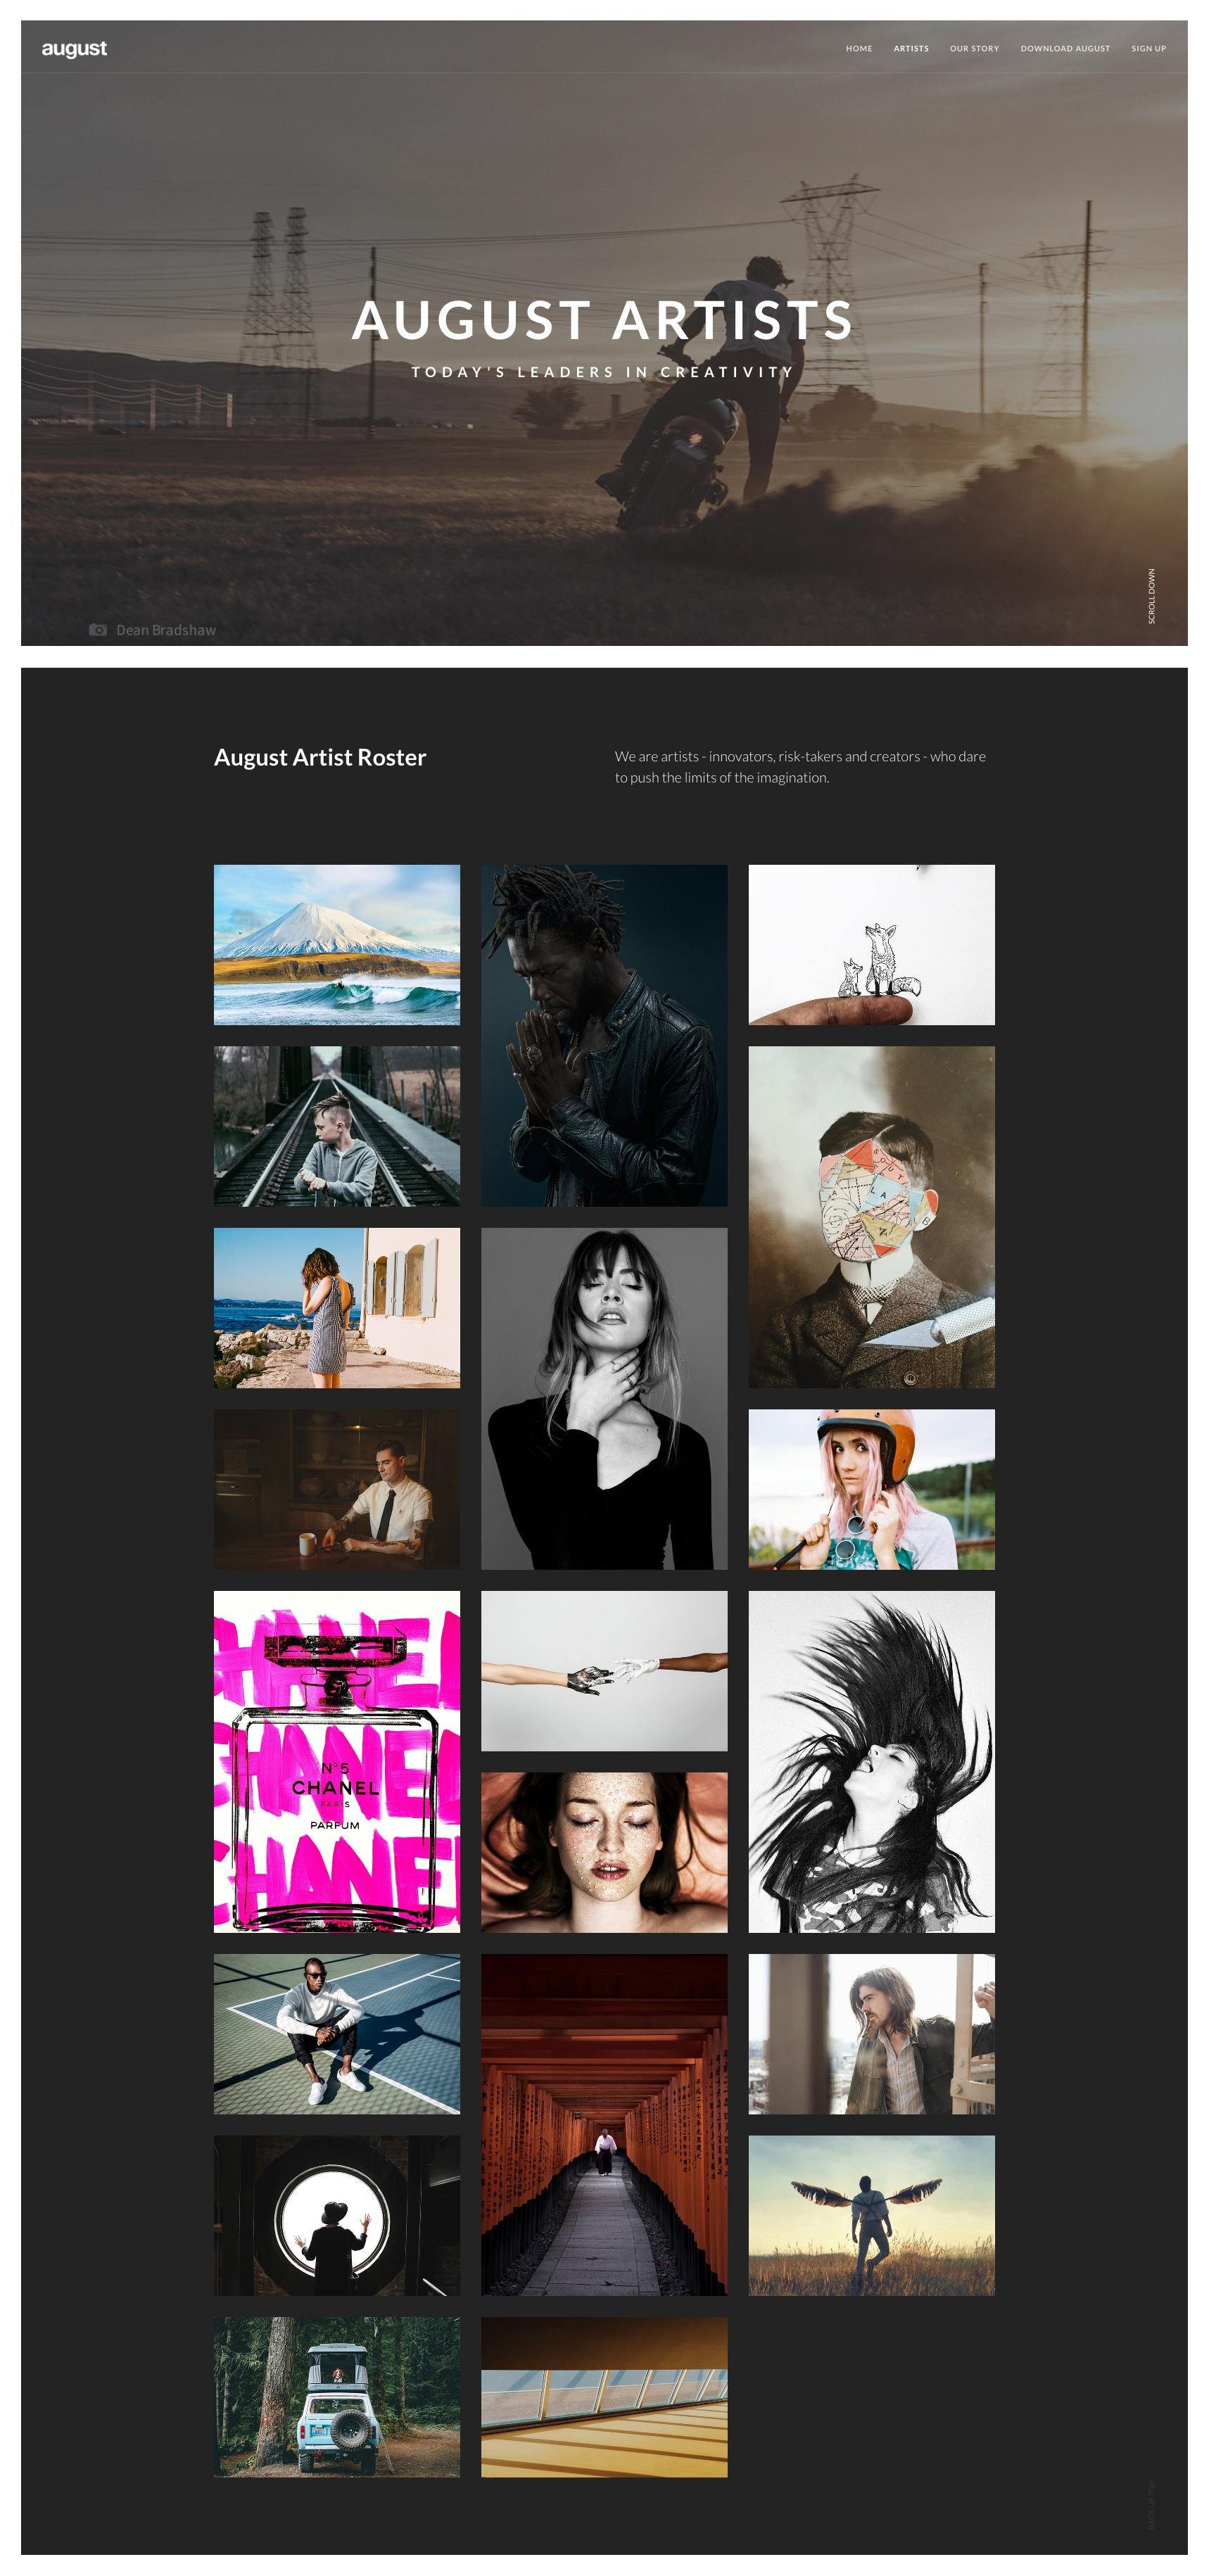 artist-roster